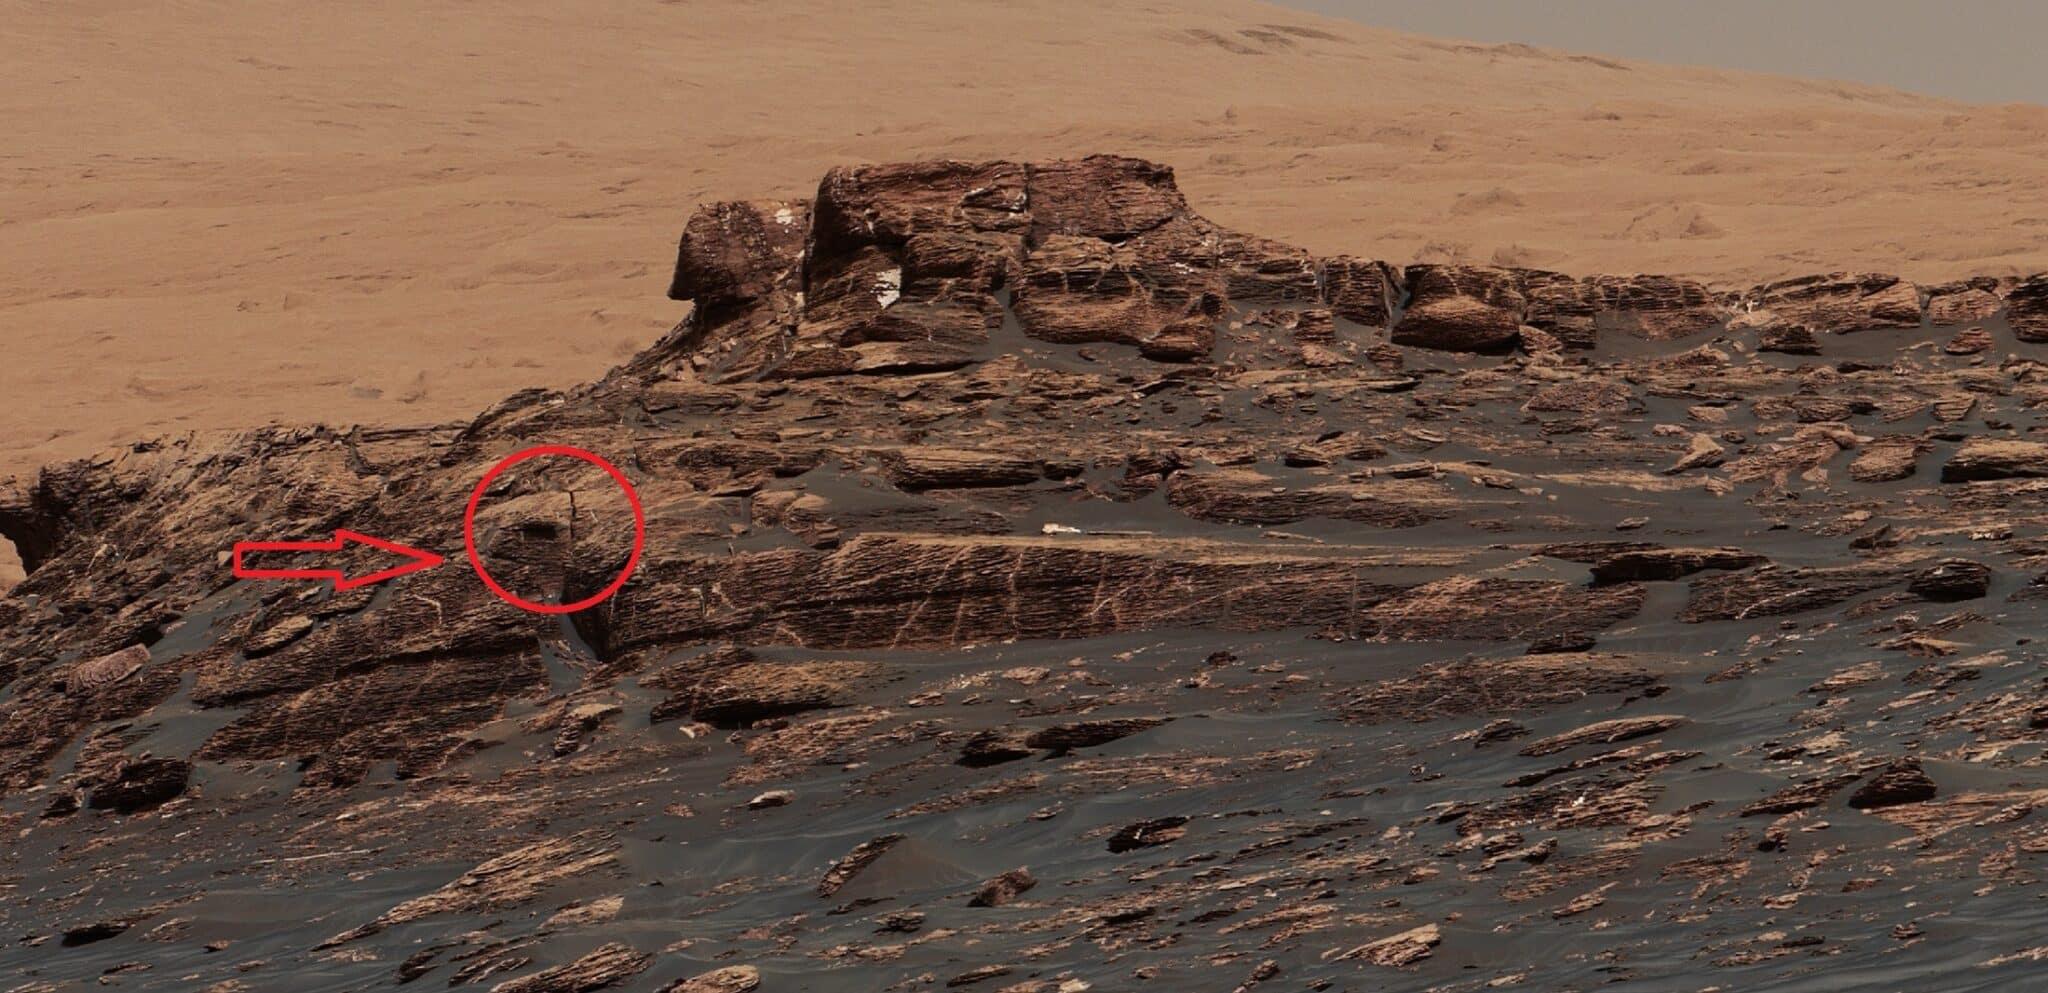 База пришельцев на Марсе: существует ли на самом деле,